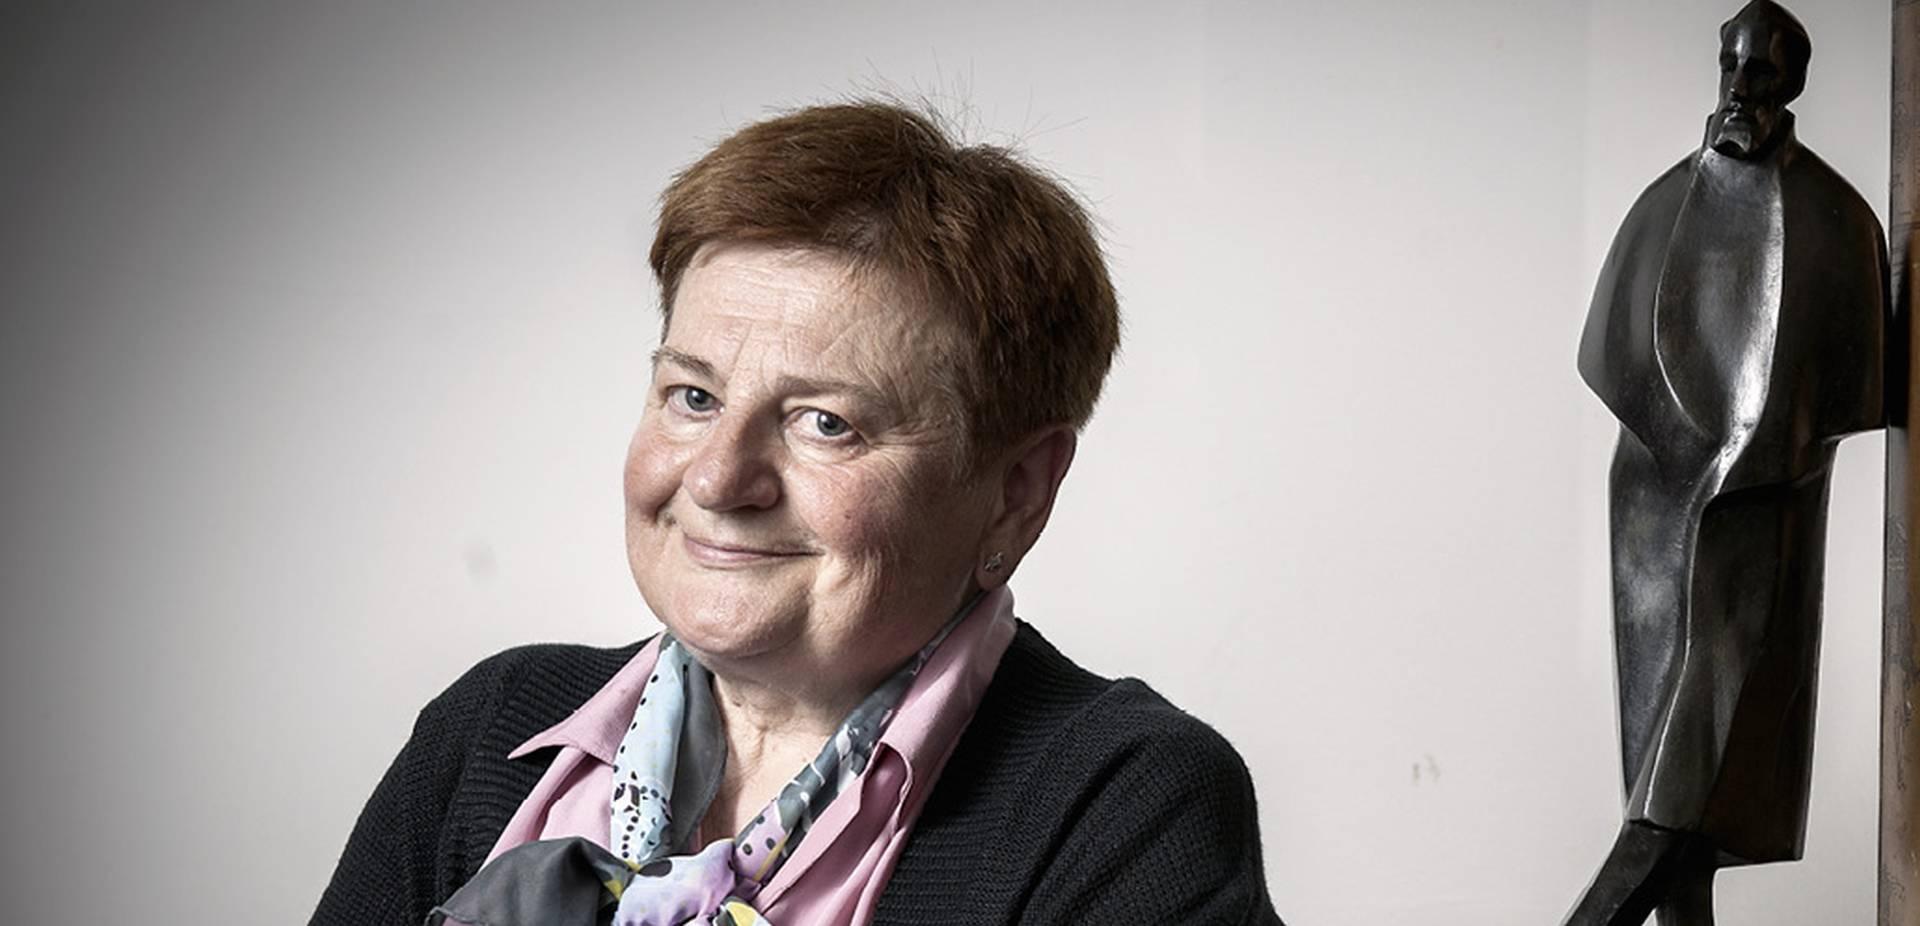 INTERVJU S BOŽICOM JELUŠIĆ: 'Liberali su bljedunjavi kompromiseri koji nemaju svoj profil'